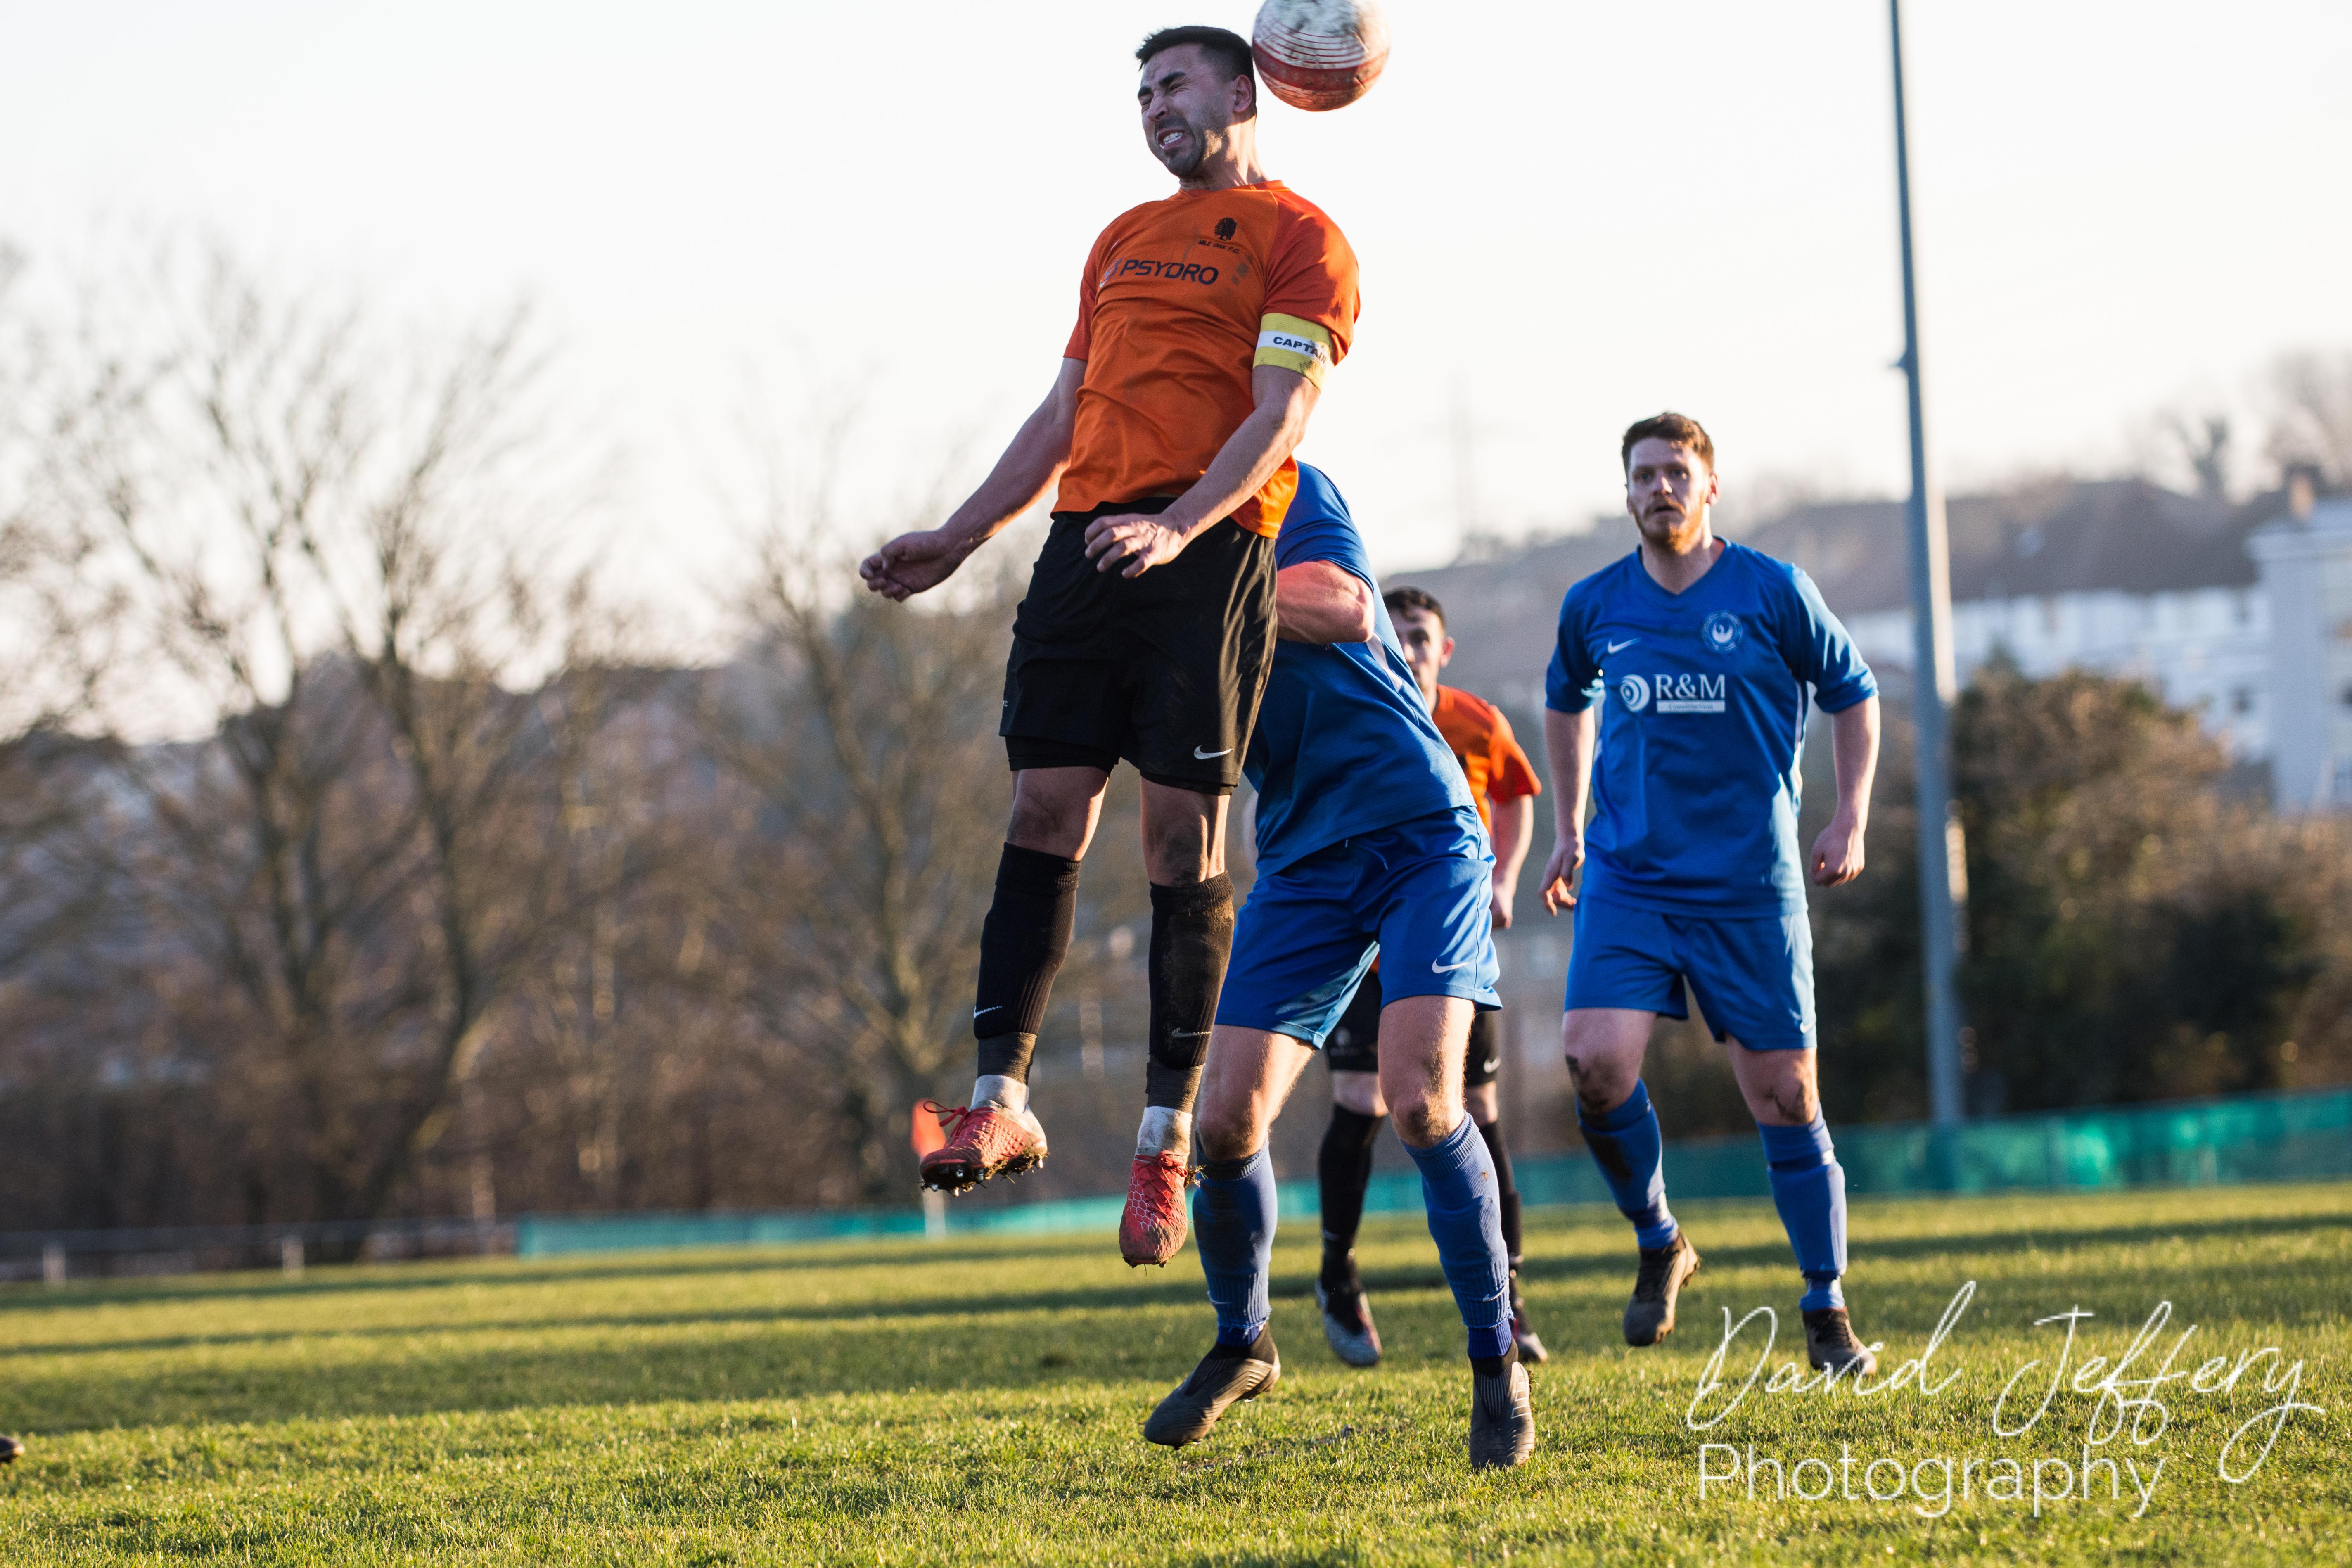 DAVID_JEFFERY MOFC vs Storrington 051